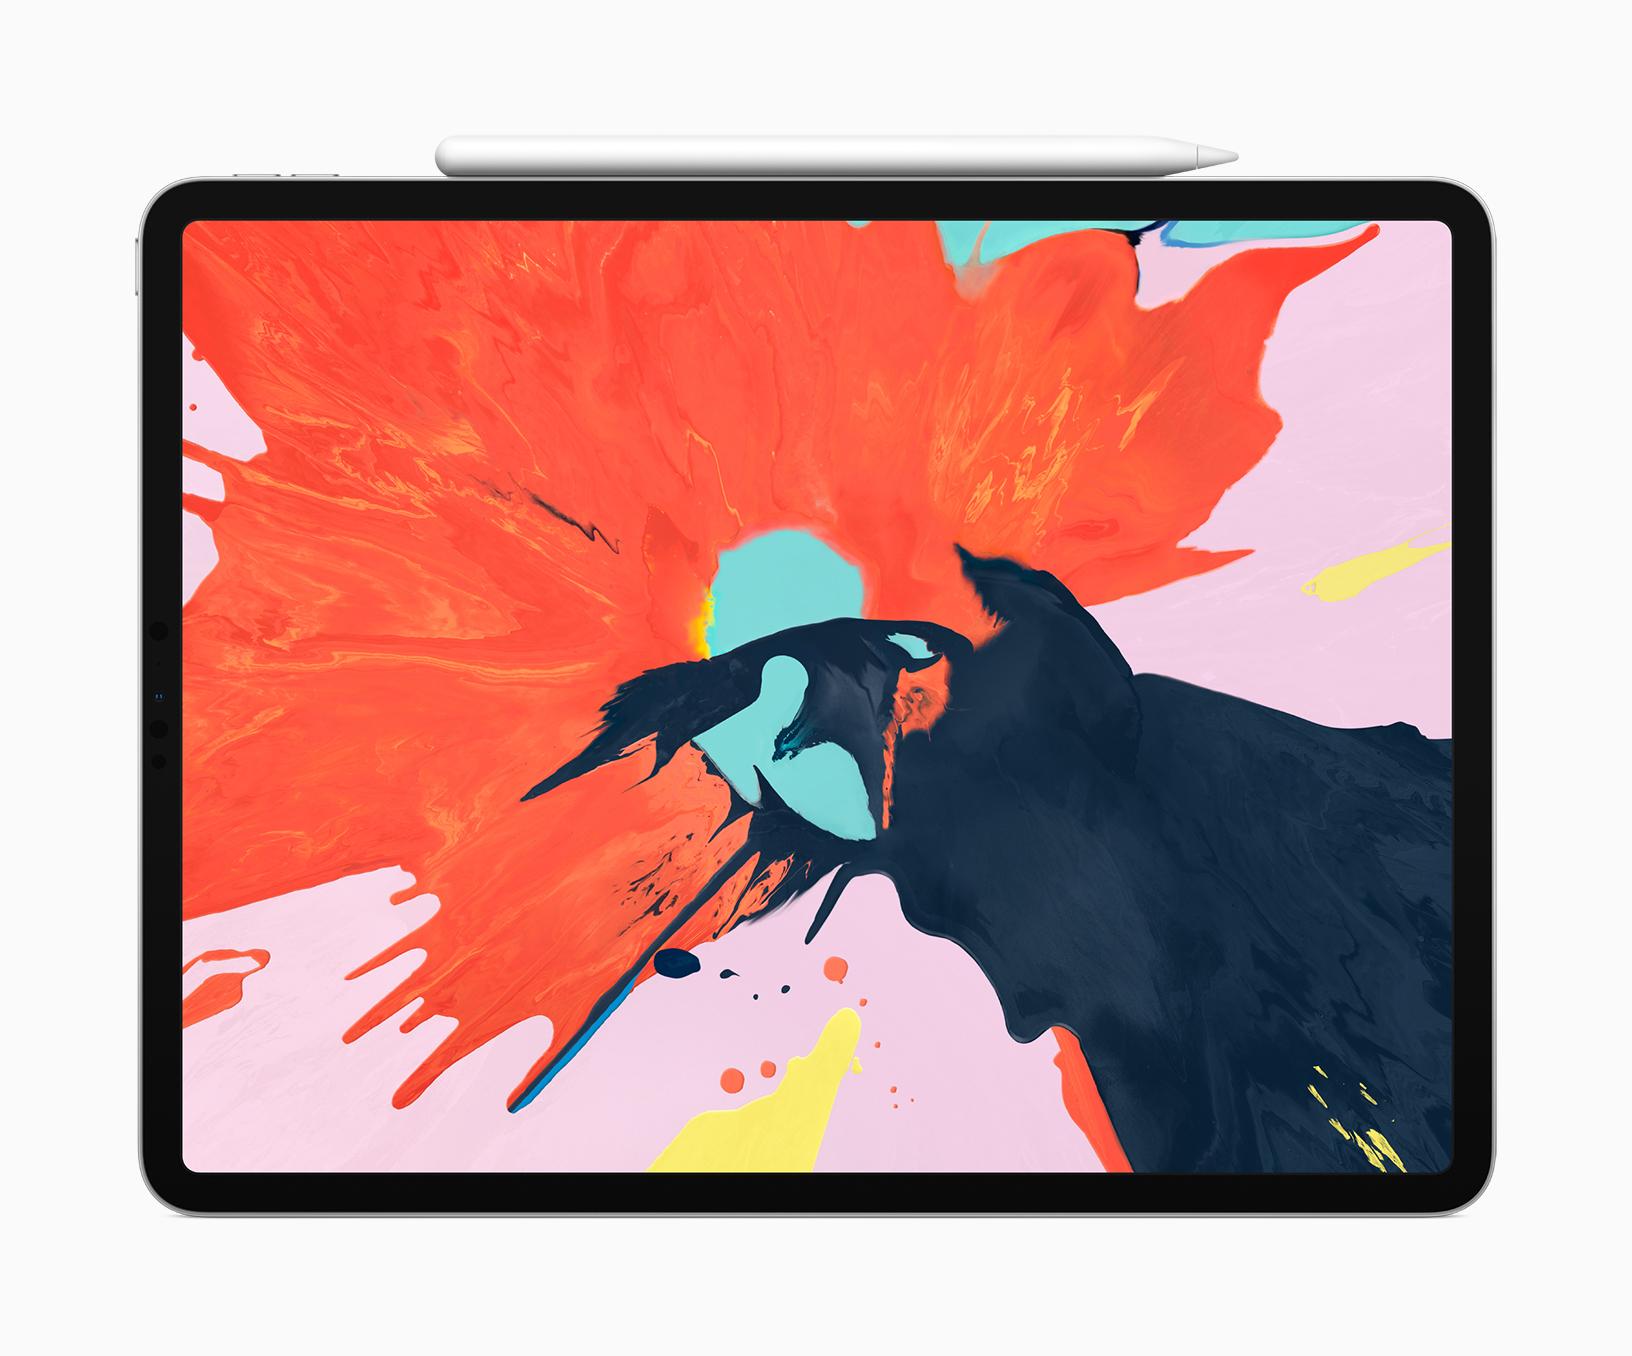 iPad Pro 2018 + Apple Pencil und USB-C ergeben sich viele Möglichkeiten